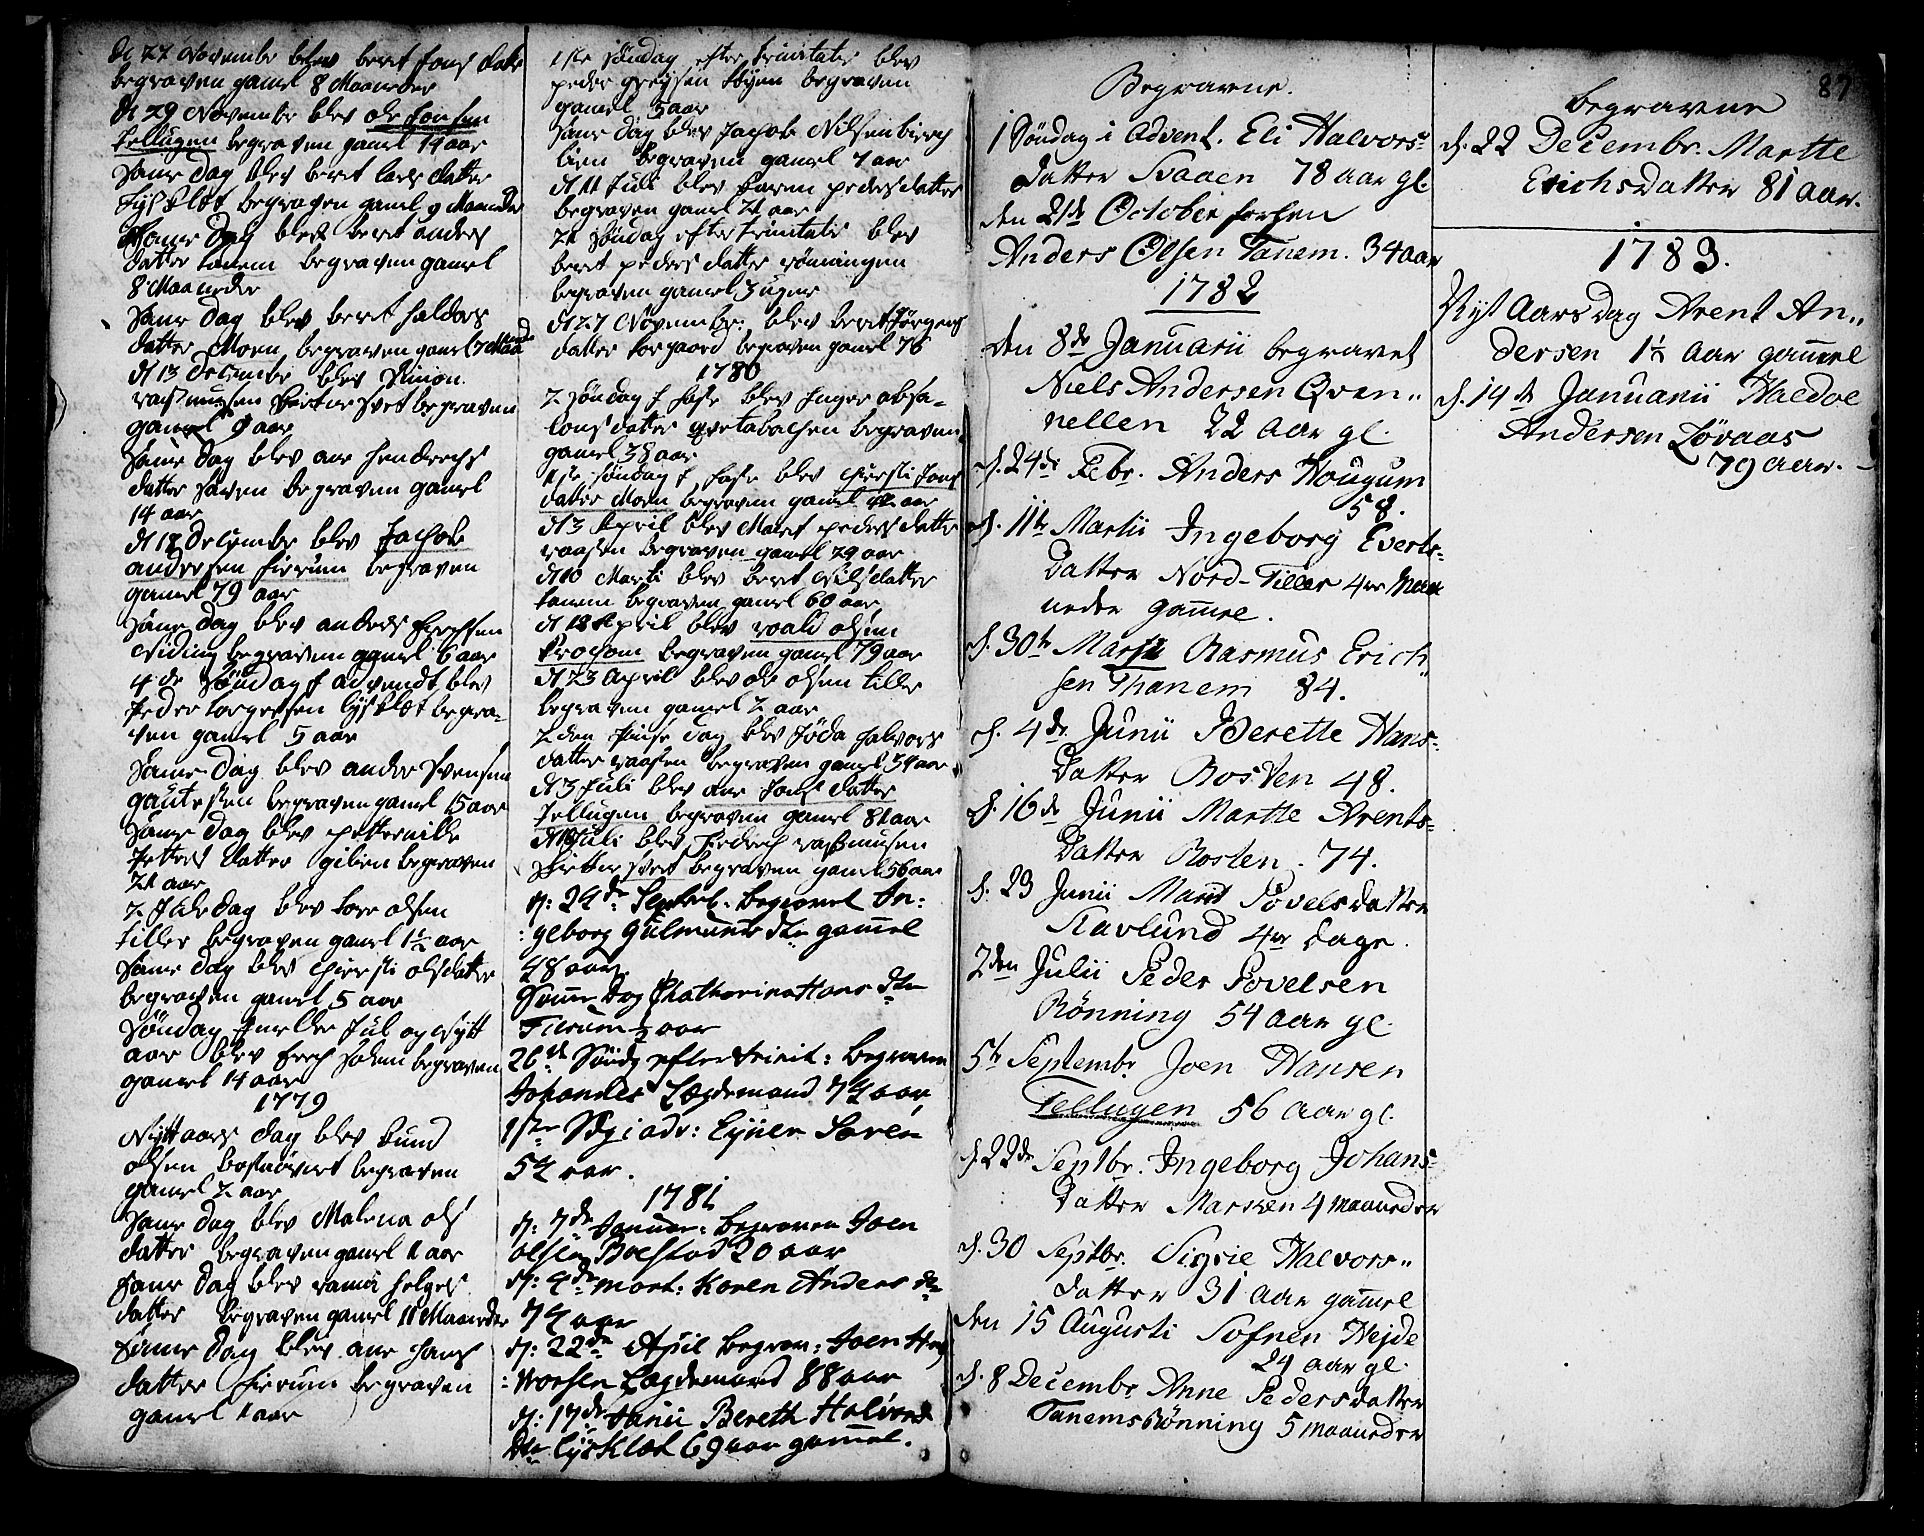 SAT, Ministerialprotokoller, klokkerbøker og fødselsregistre - Sør-Trøndelag, 618/L0437: Ministerialbok nr. 618A02, 1749-1782, s. 87